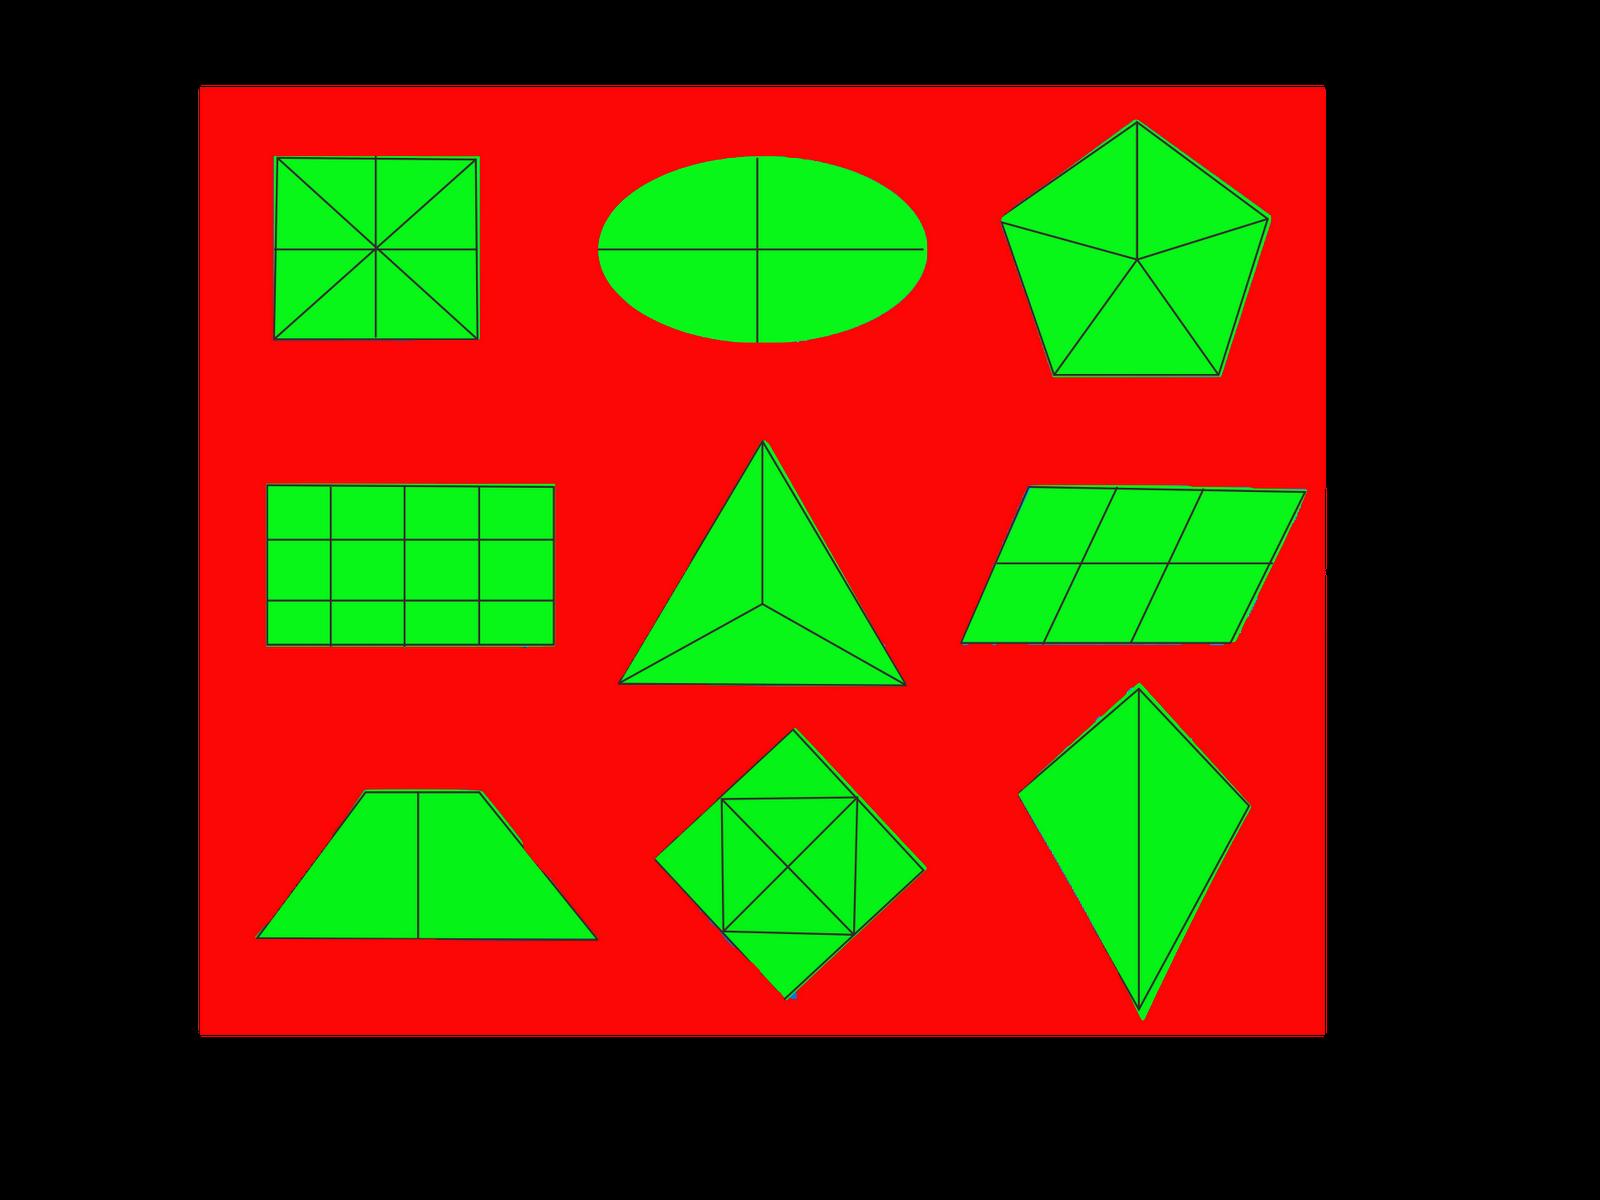 Penggunaan Alat Peraga Matematika Sederhana Pengertian Alat Peraga Makalah Definisi Jenis Tujuan Belajar Matematika Alat Peraga Pengenalan Pecahan Sederhana